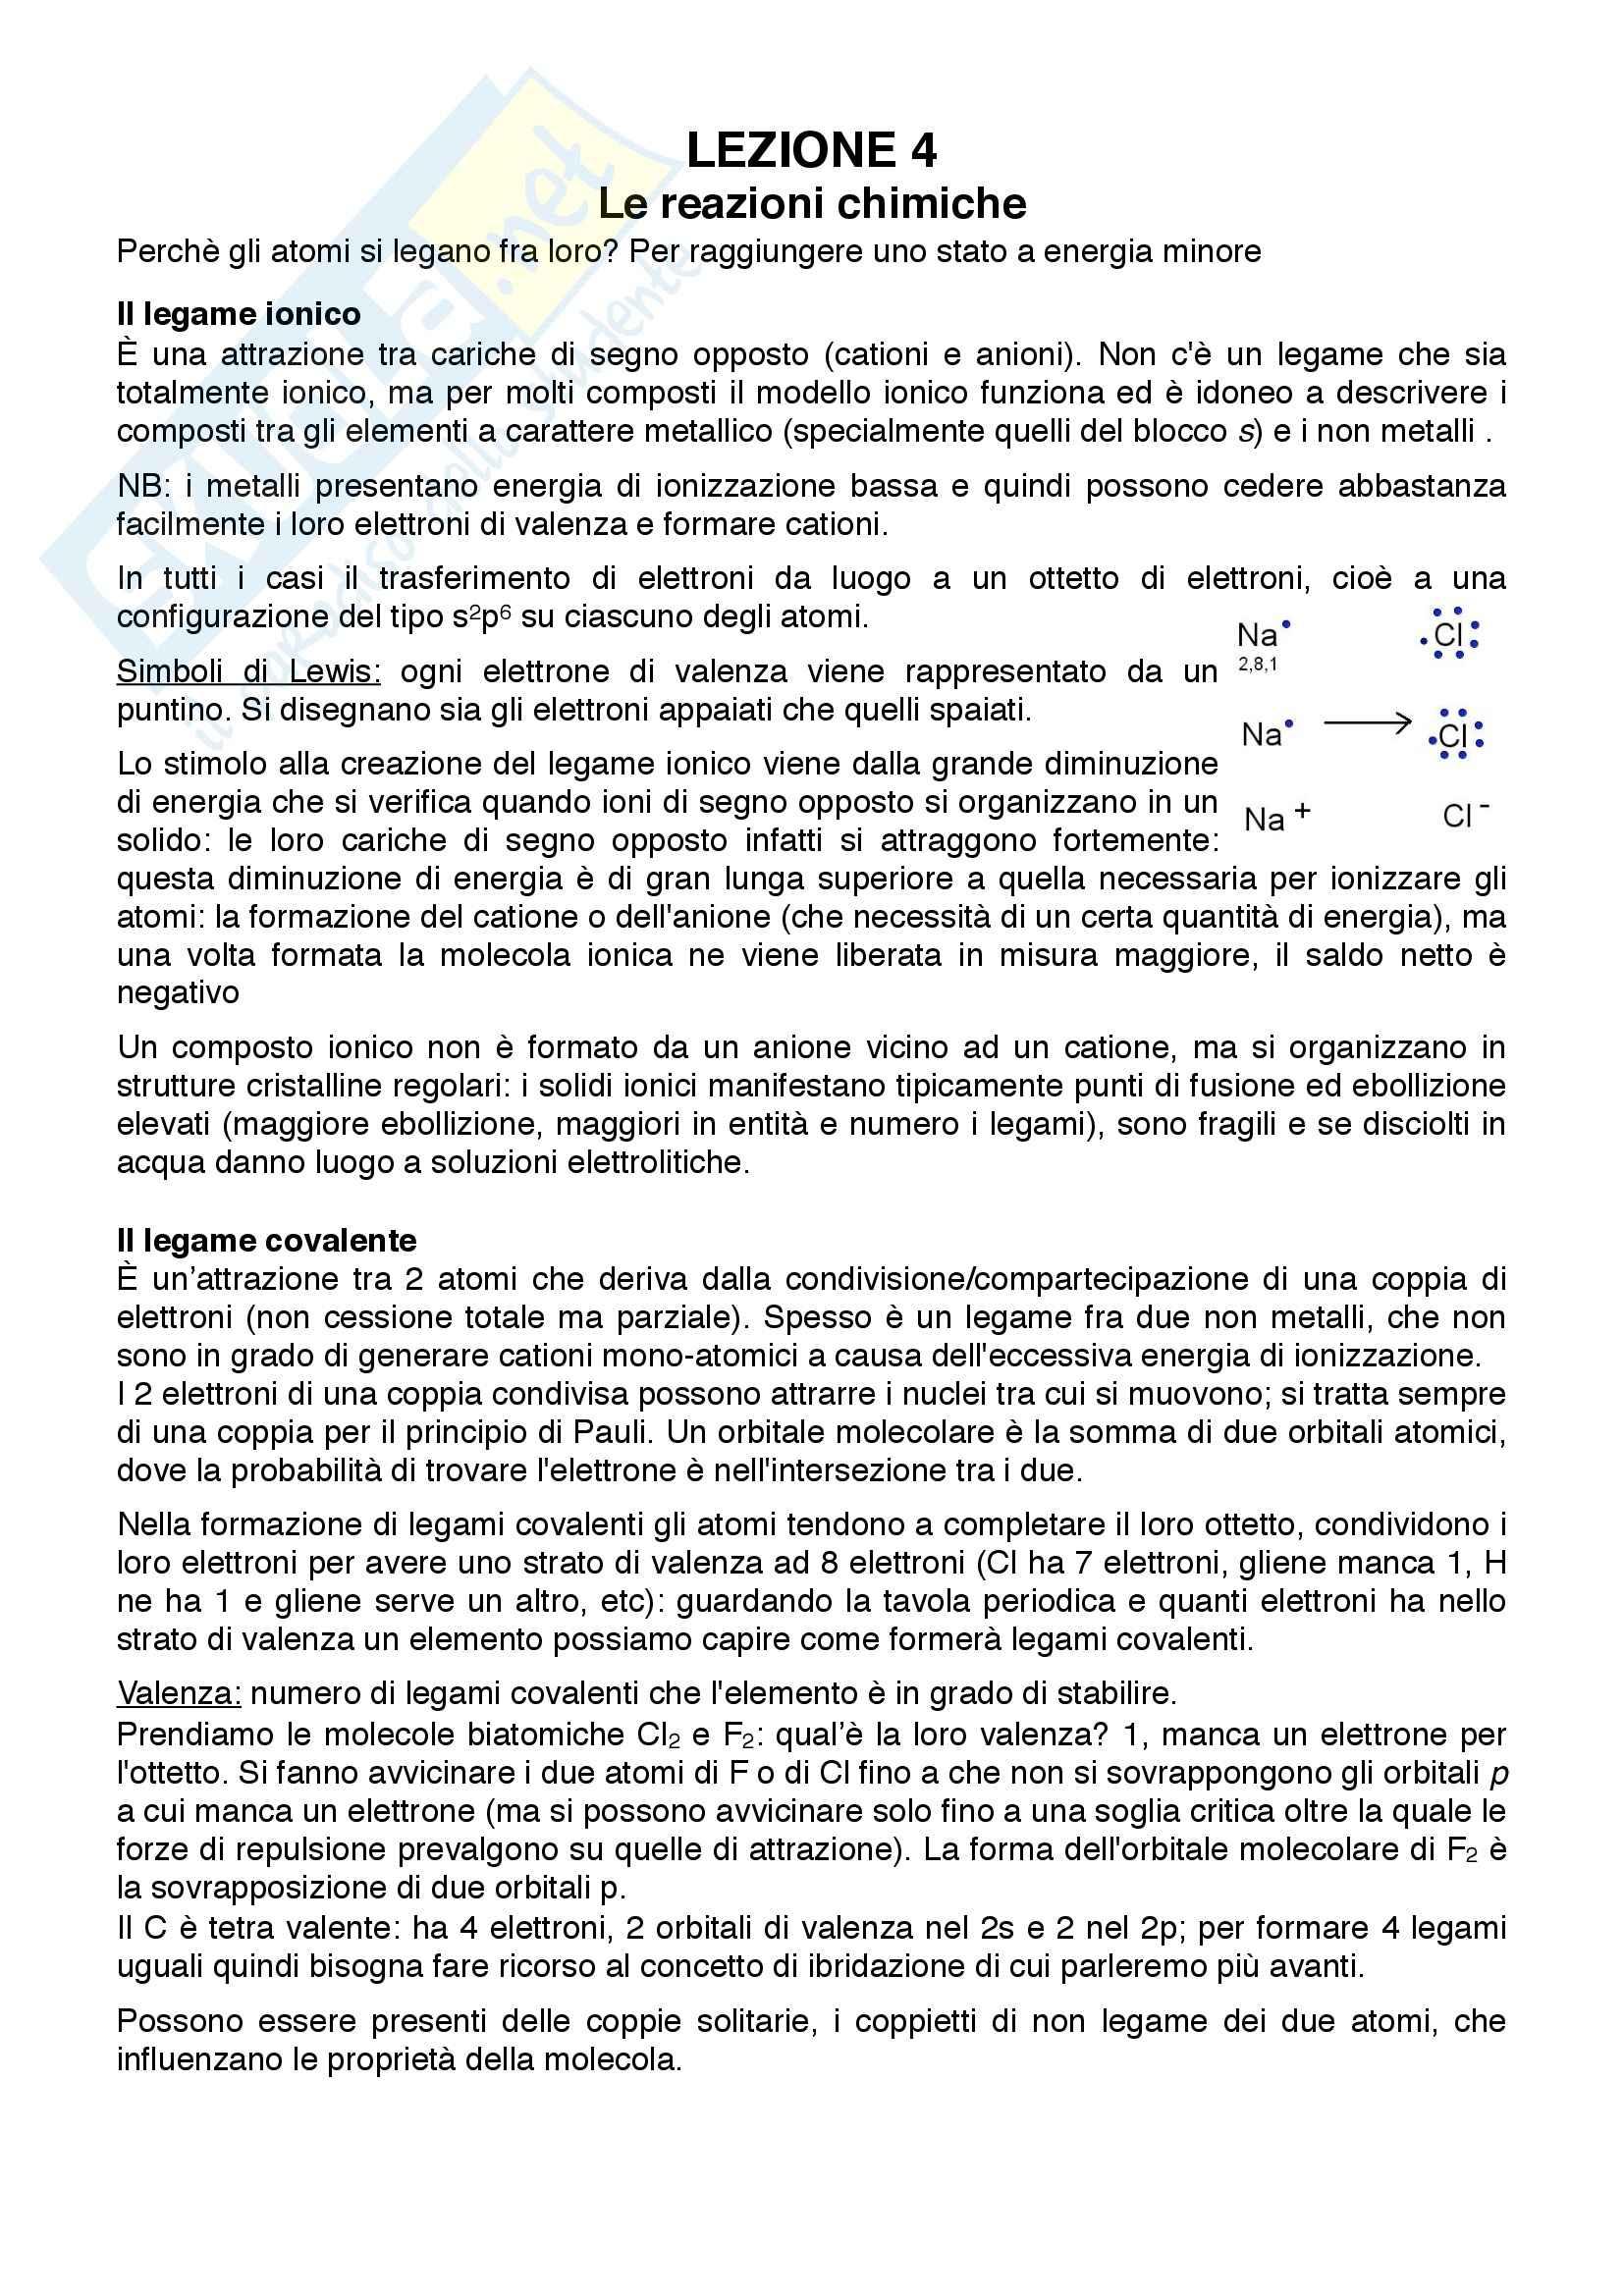 appunto M. Bertoldi Chimica e chimica biologica